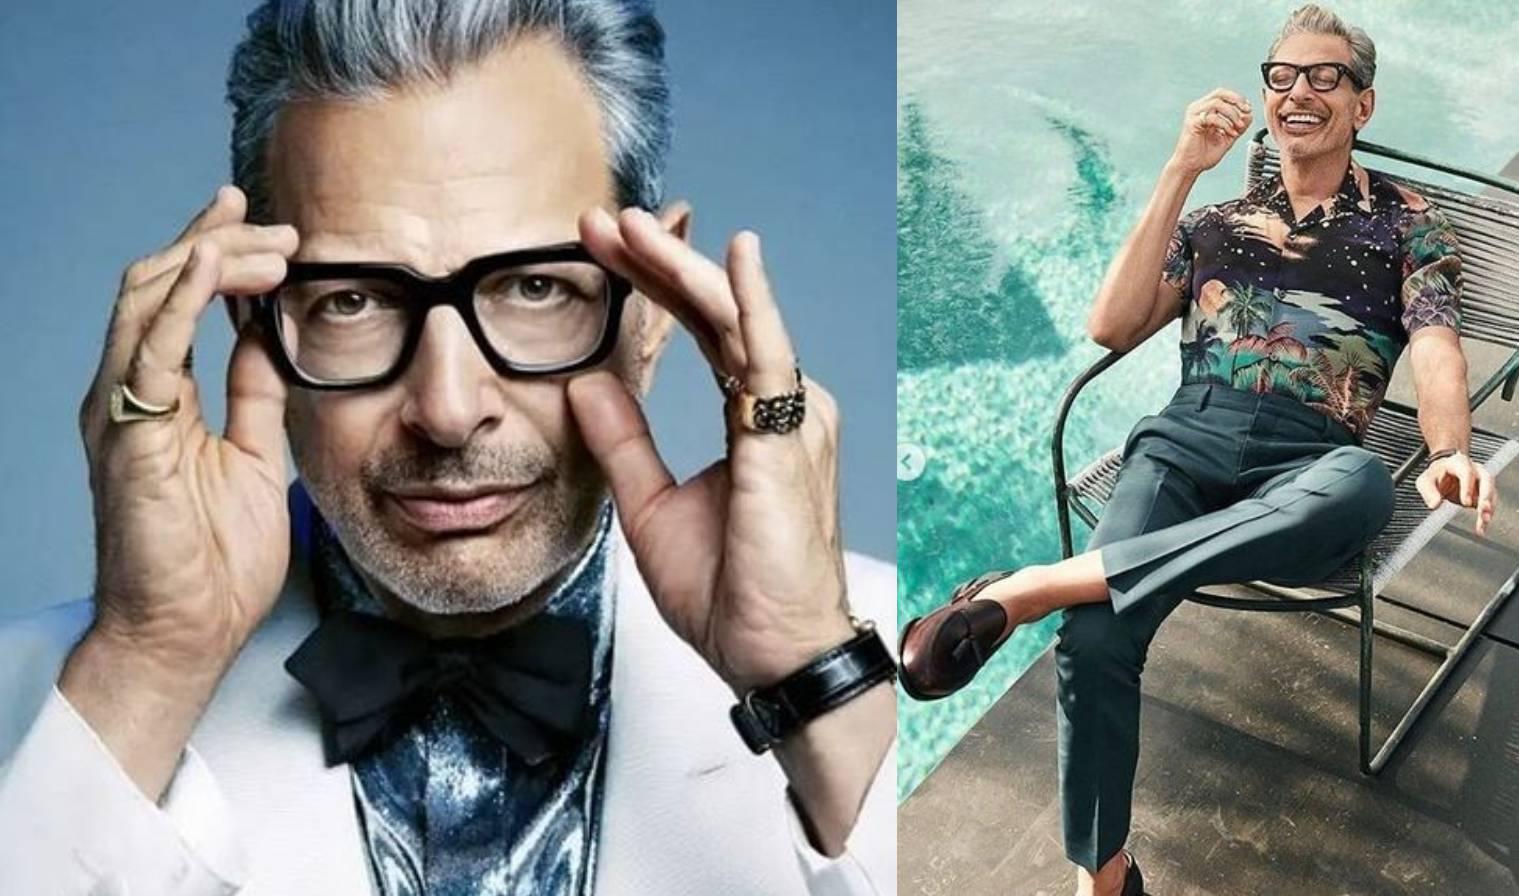 Jeff Goldblum ima impresivan stil, moda ga uistinu zabavlja